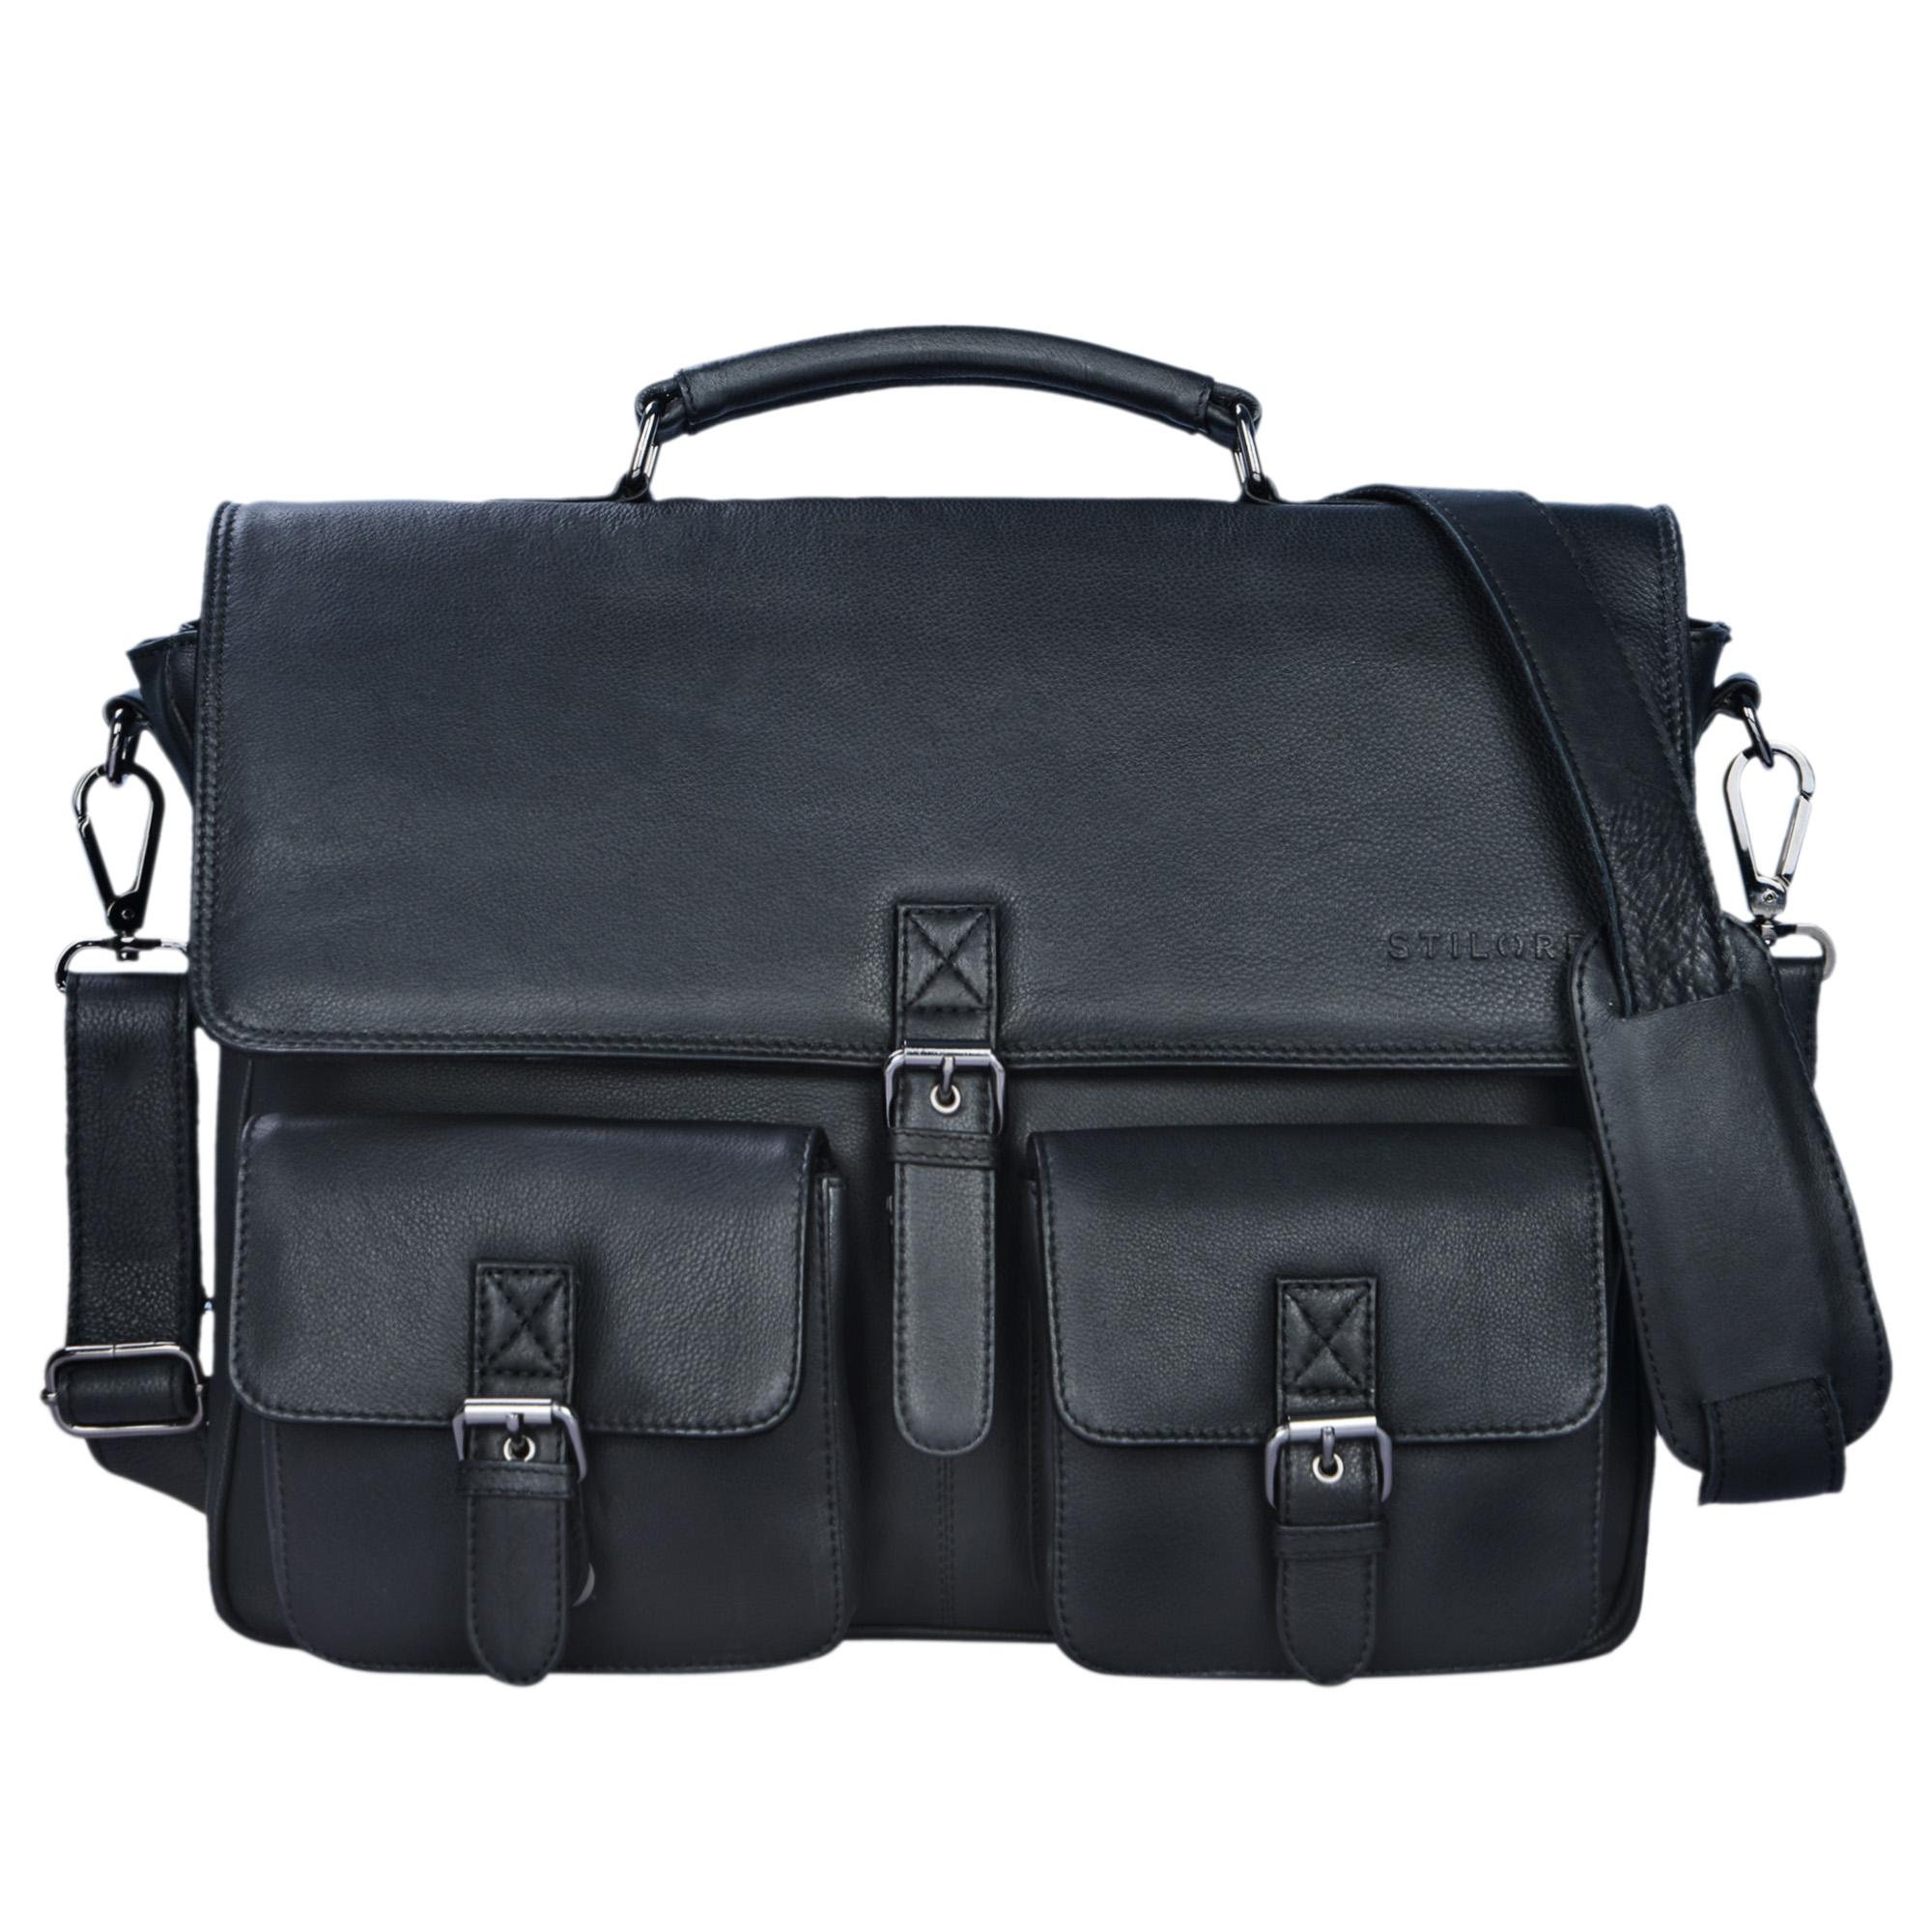 """STILORD """"Victor"""" Vintage Aktentasche Herren Leder moderne Businesstasche für große A4 Aktenordner XL Umhängetasche 15.6 Zoll mit Dreifachtrenner aus echtem Leder - Bild 16"""